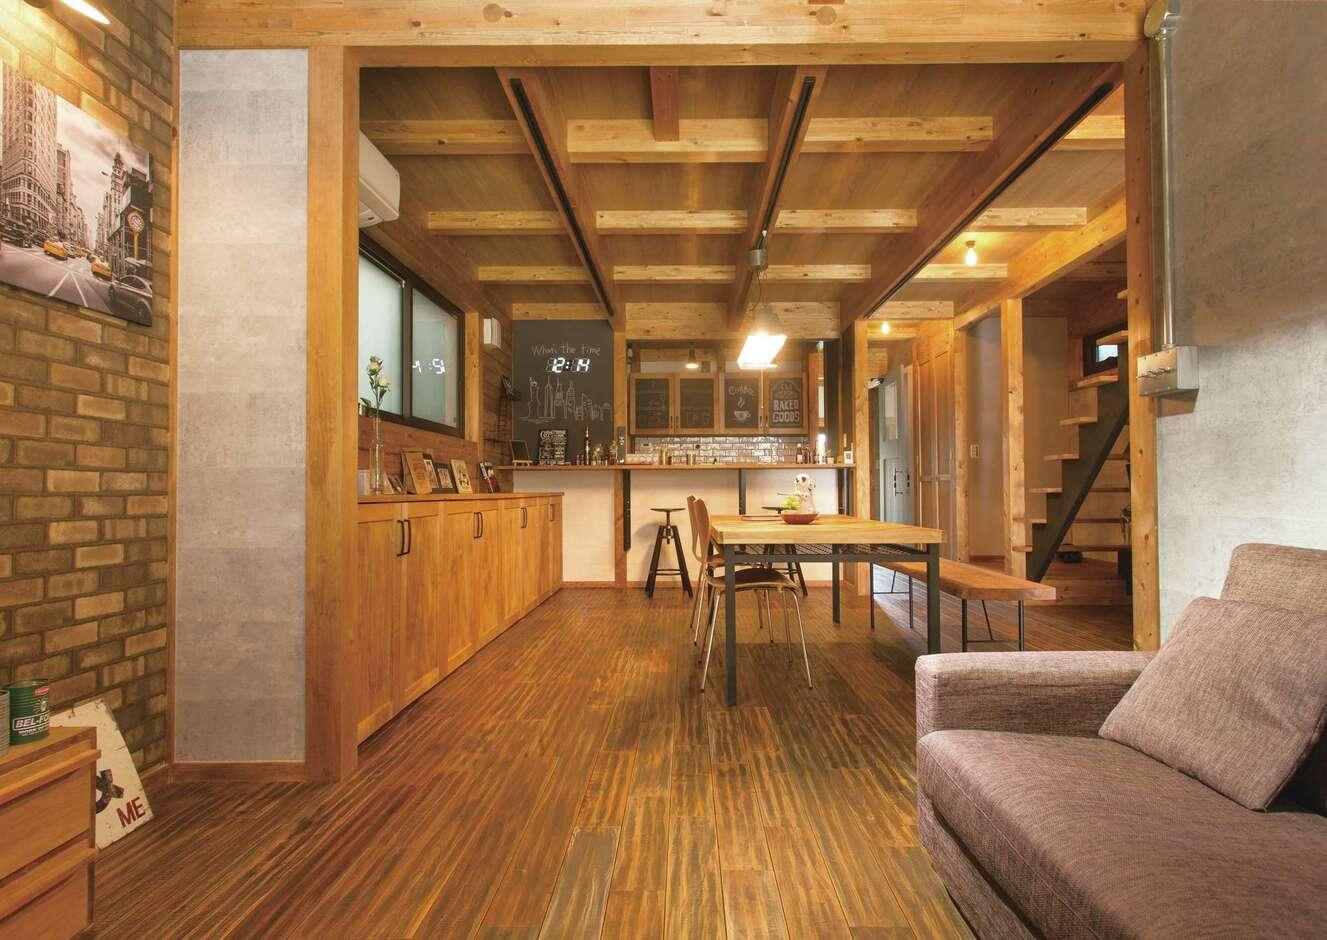 サイエンスホーム甲府店・笛吹店【1000万円台、デザイン住宅、間取り】男前なブルックリンテイストに仕上げたLDKは、22畳を超えるゆとりの空間。ヴィンテージ感のある床はひのき(マホガニー)